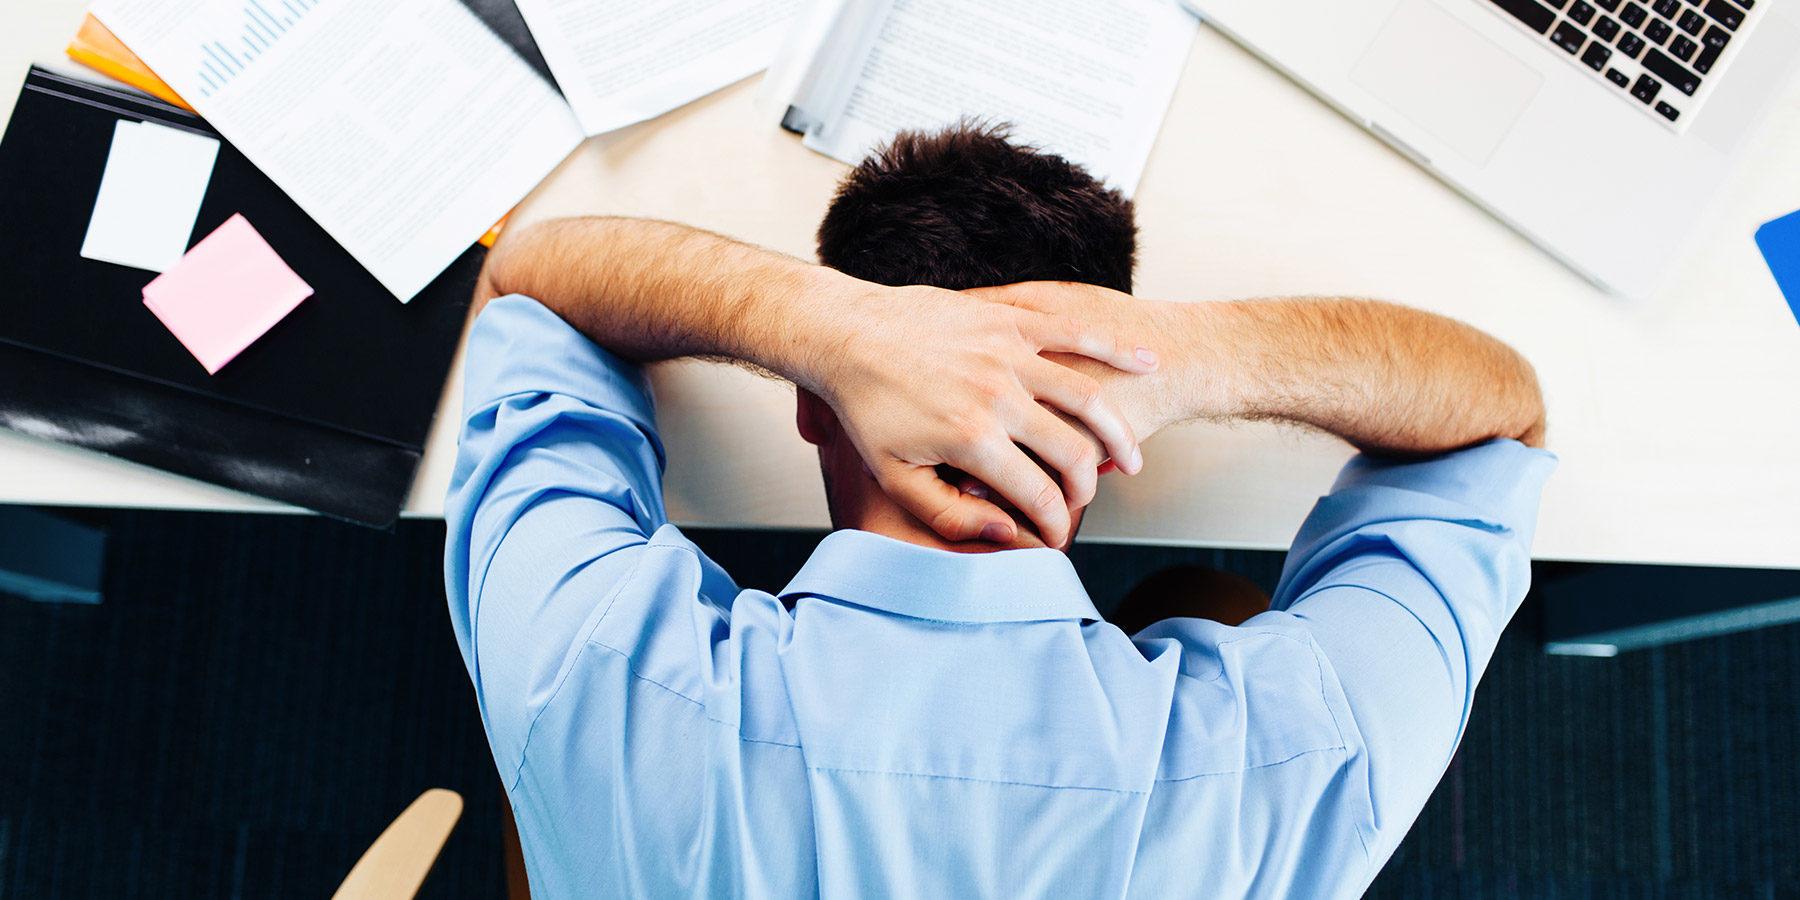 biznesmen-z-depresja-przytłoczony-pracą